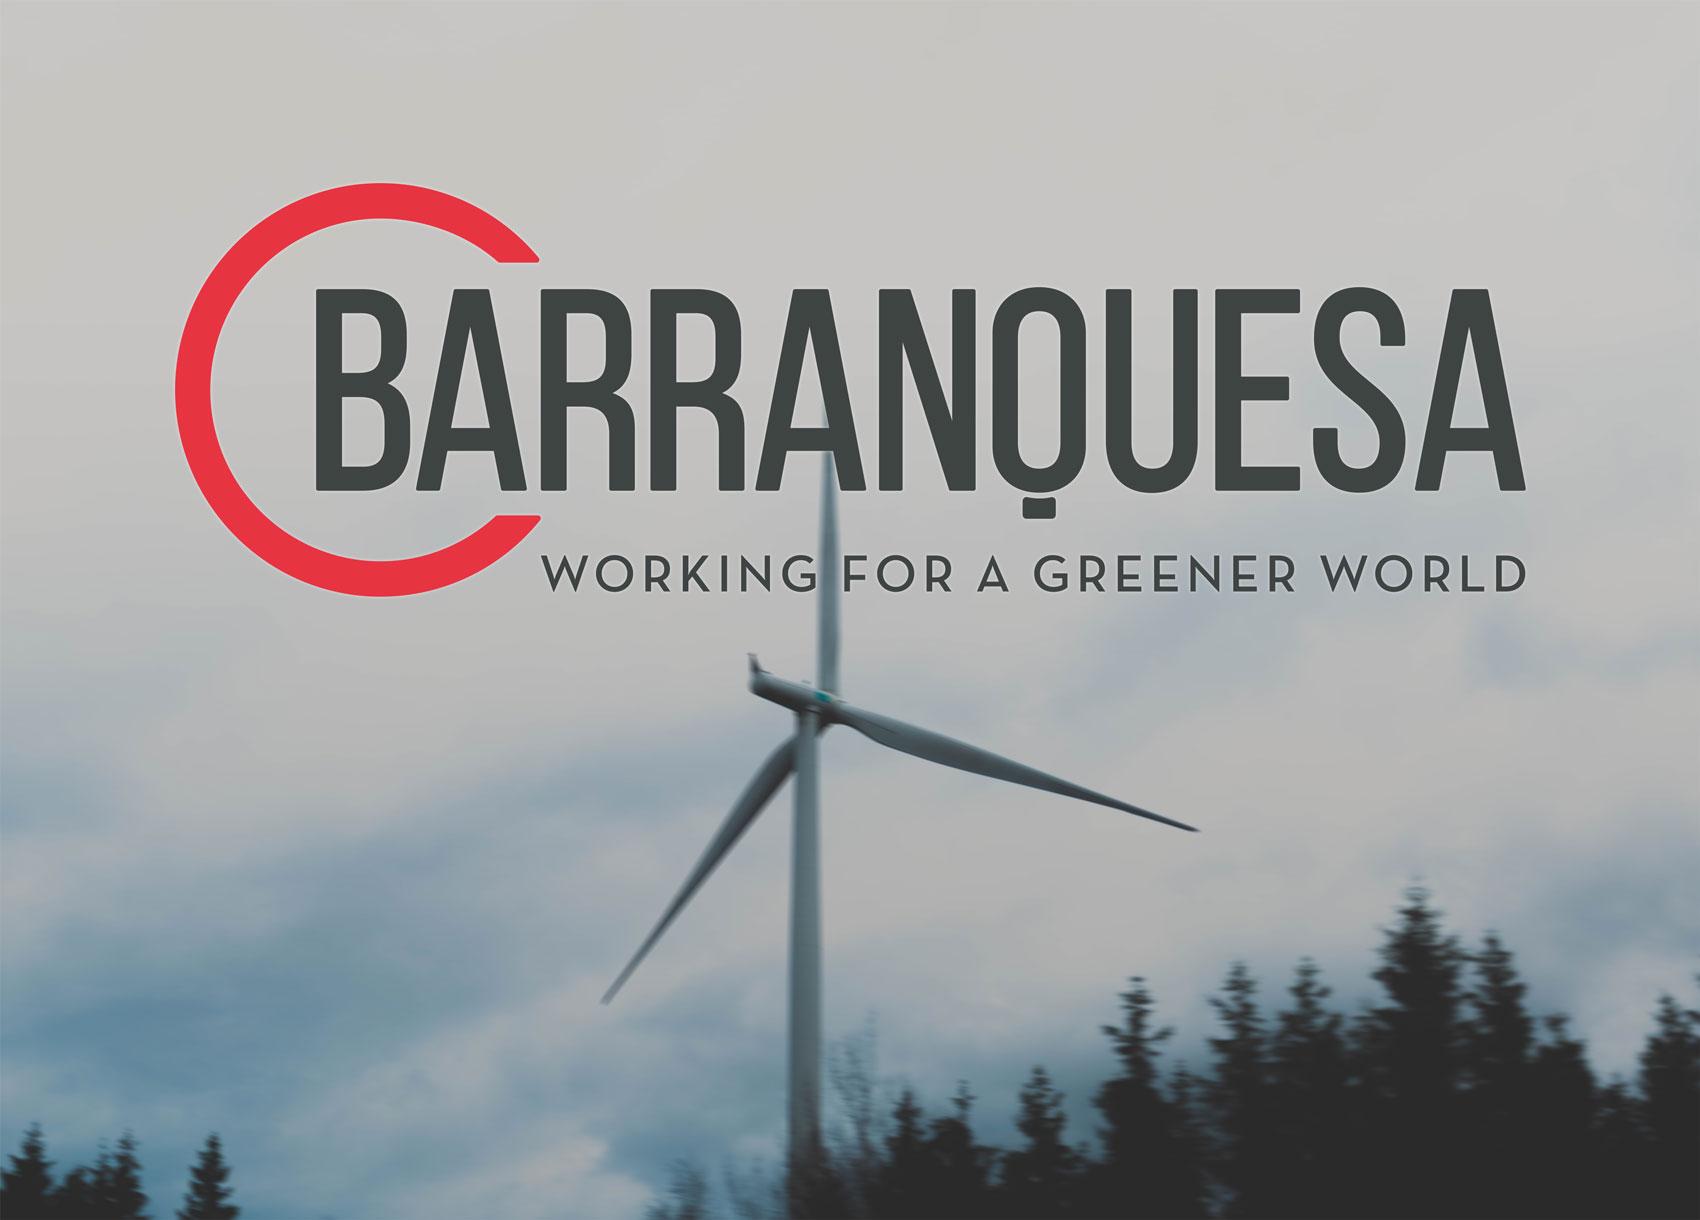 Industrial Barranquesa